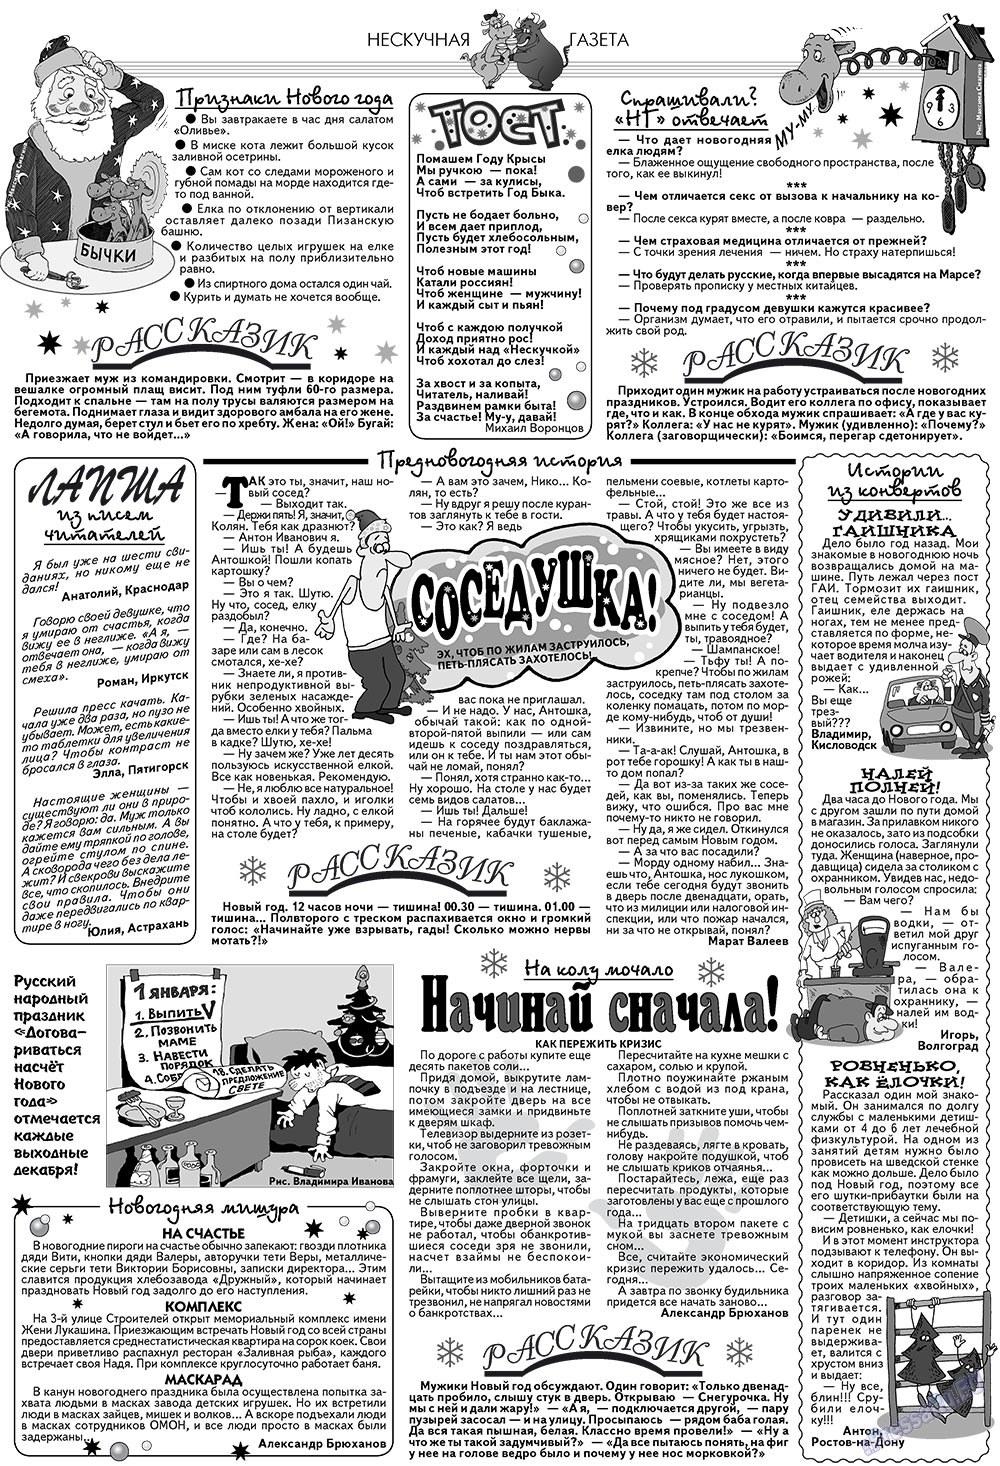 Нескучная газета (газета). 2009 год, номер 2, стр. 5